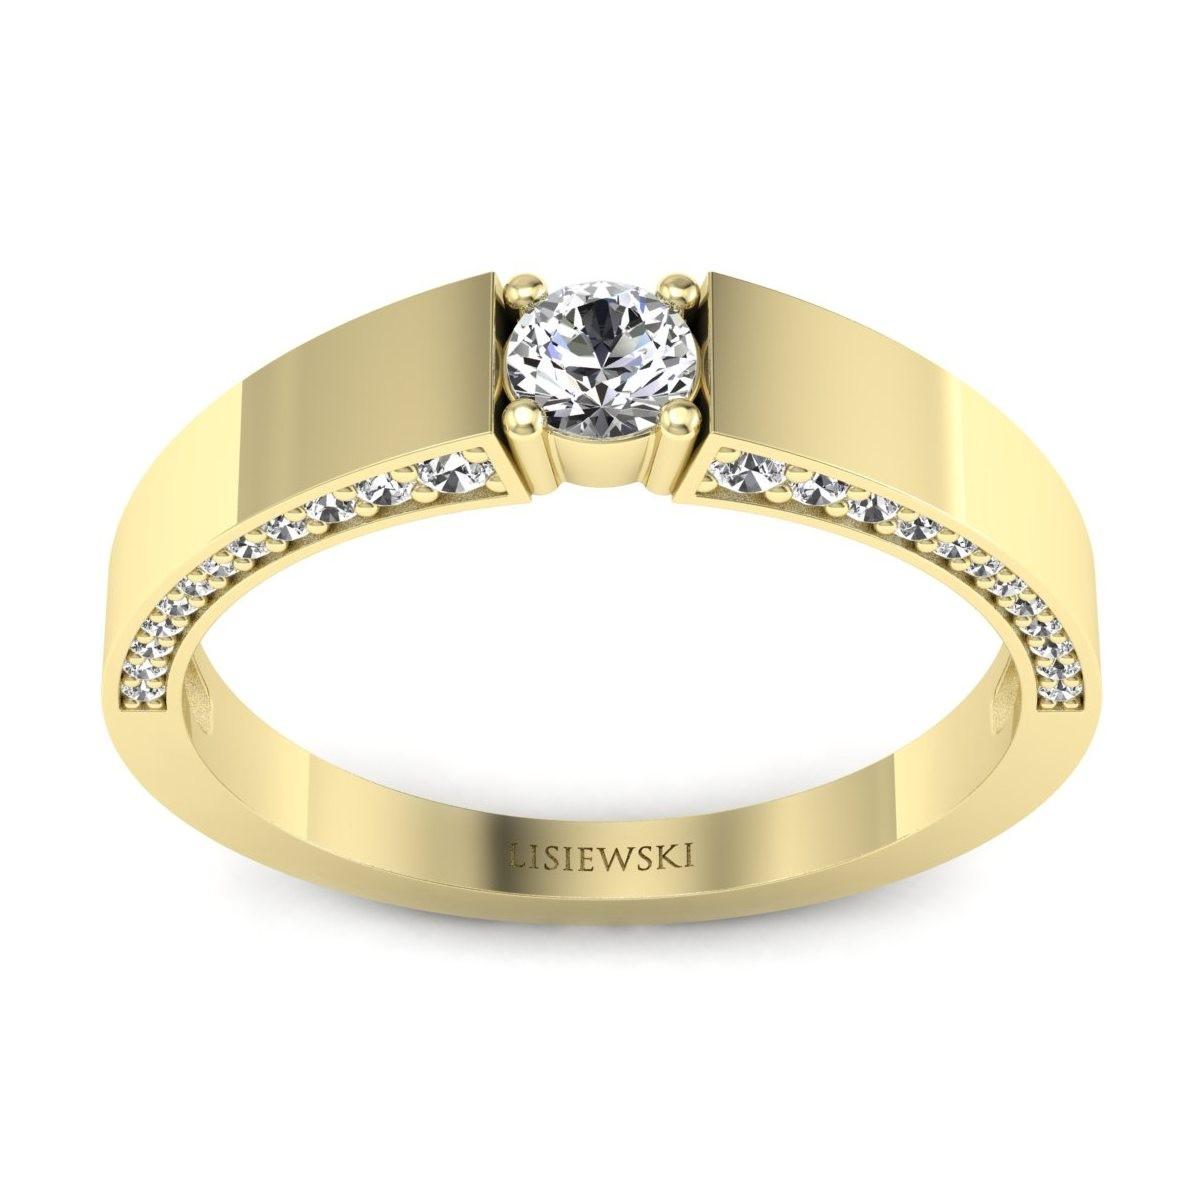 Verona - Złoty pierścionek z diamentami